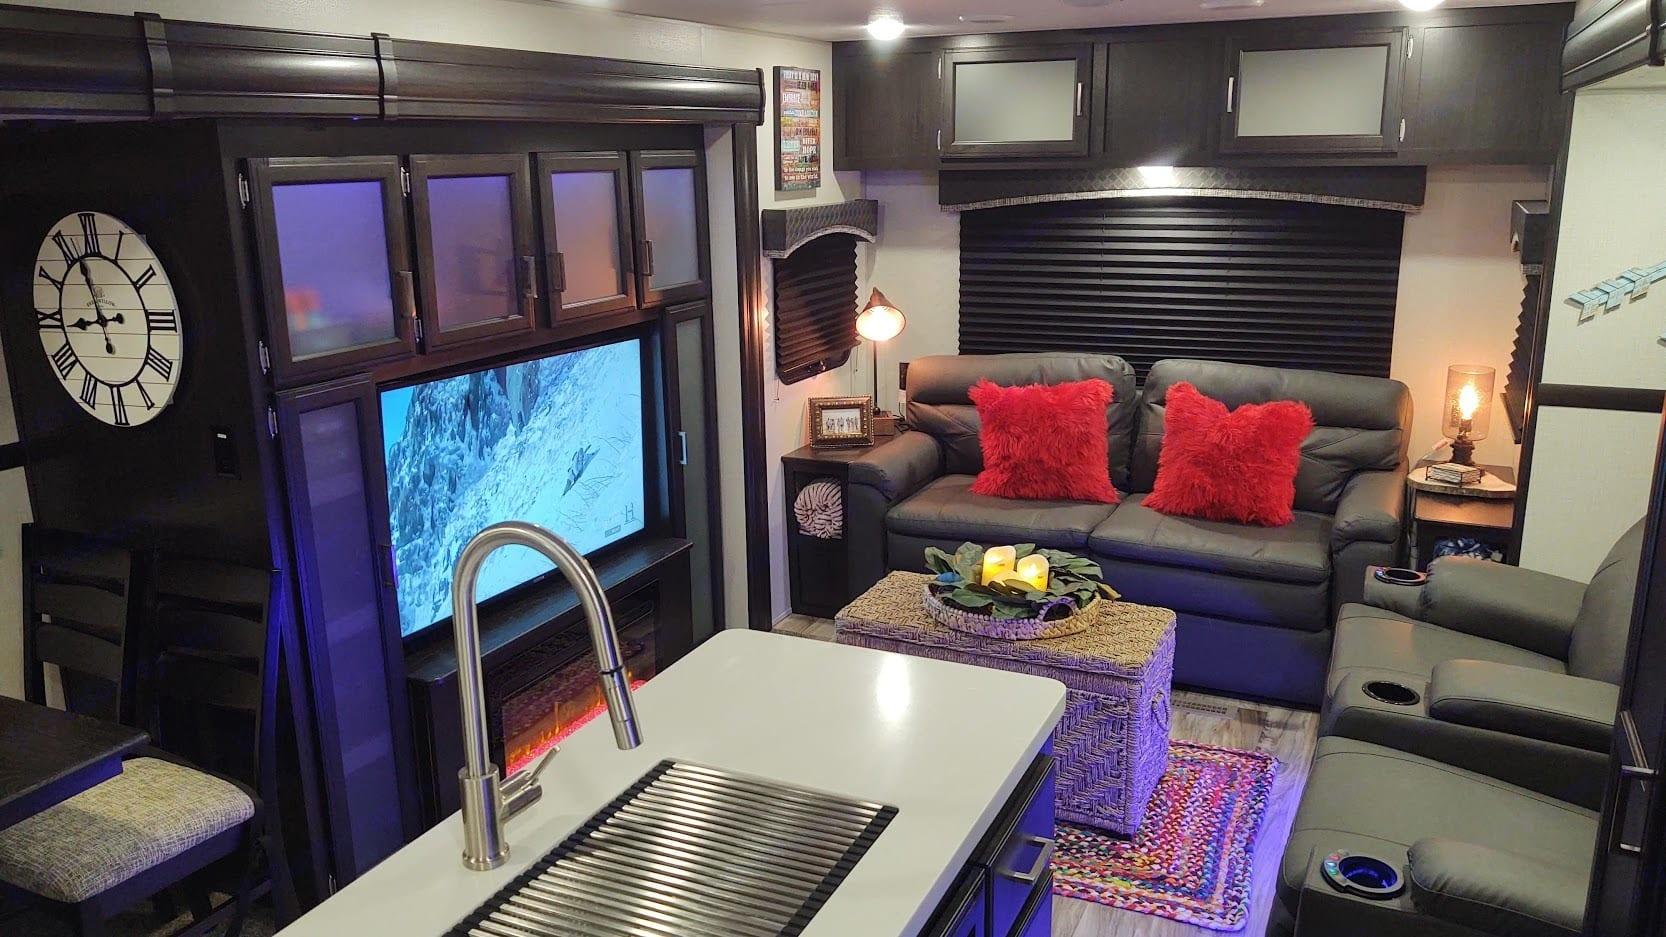 Living Room TV Fireplace. Venture Rv Sporttrek 2020